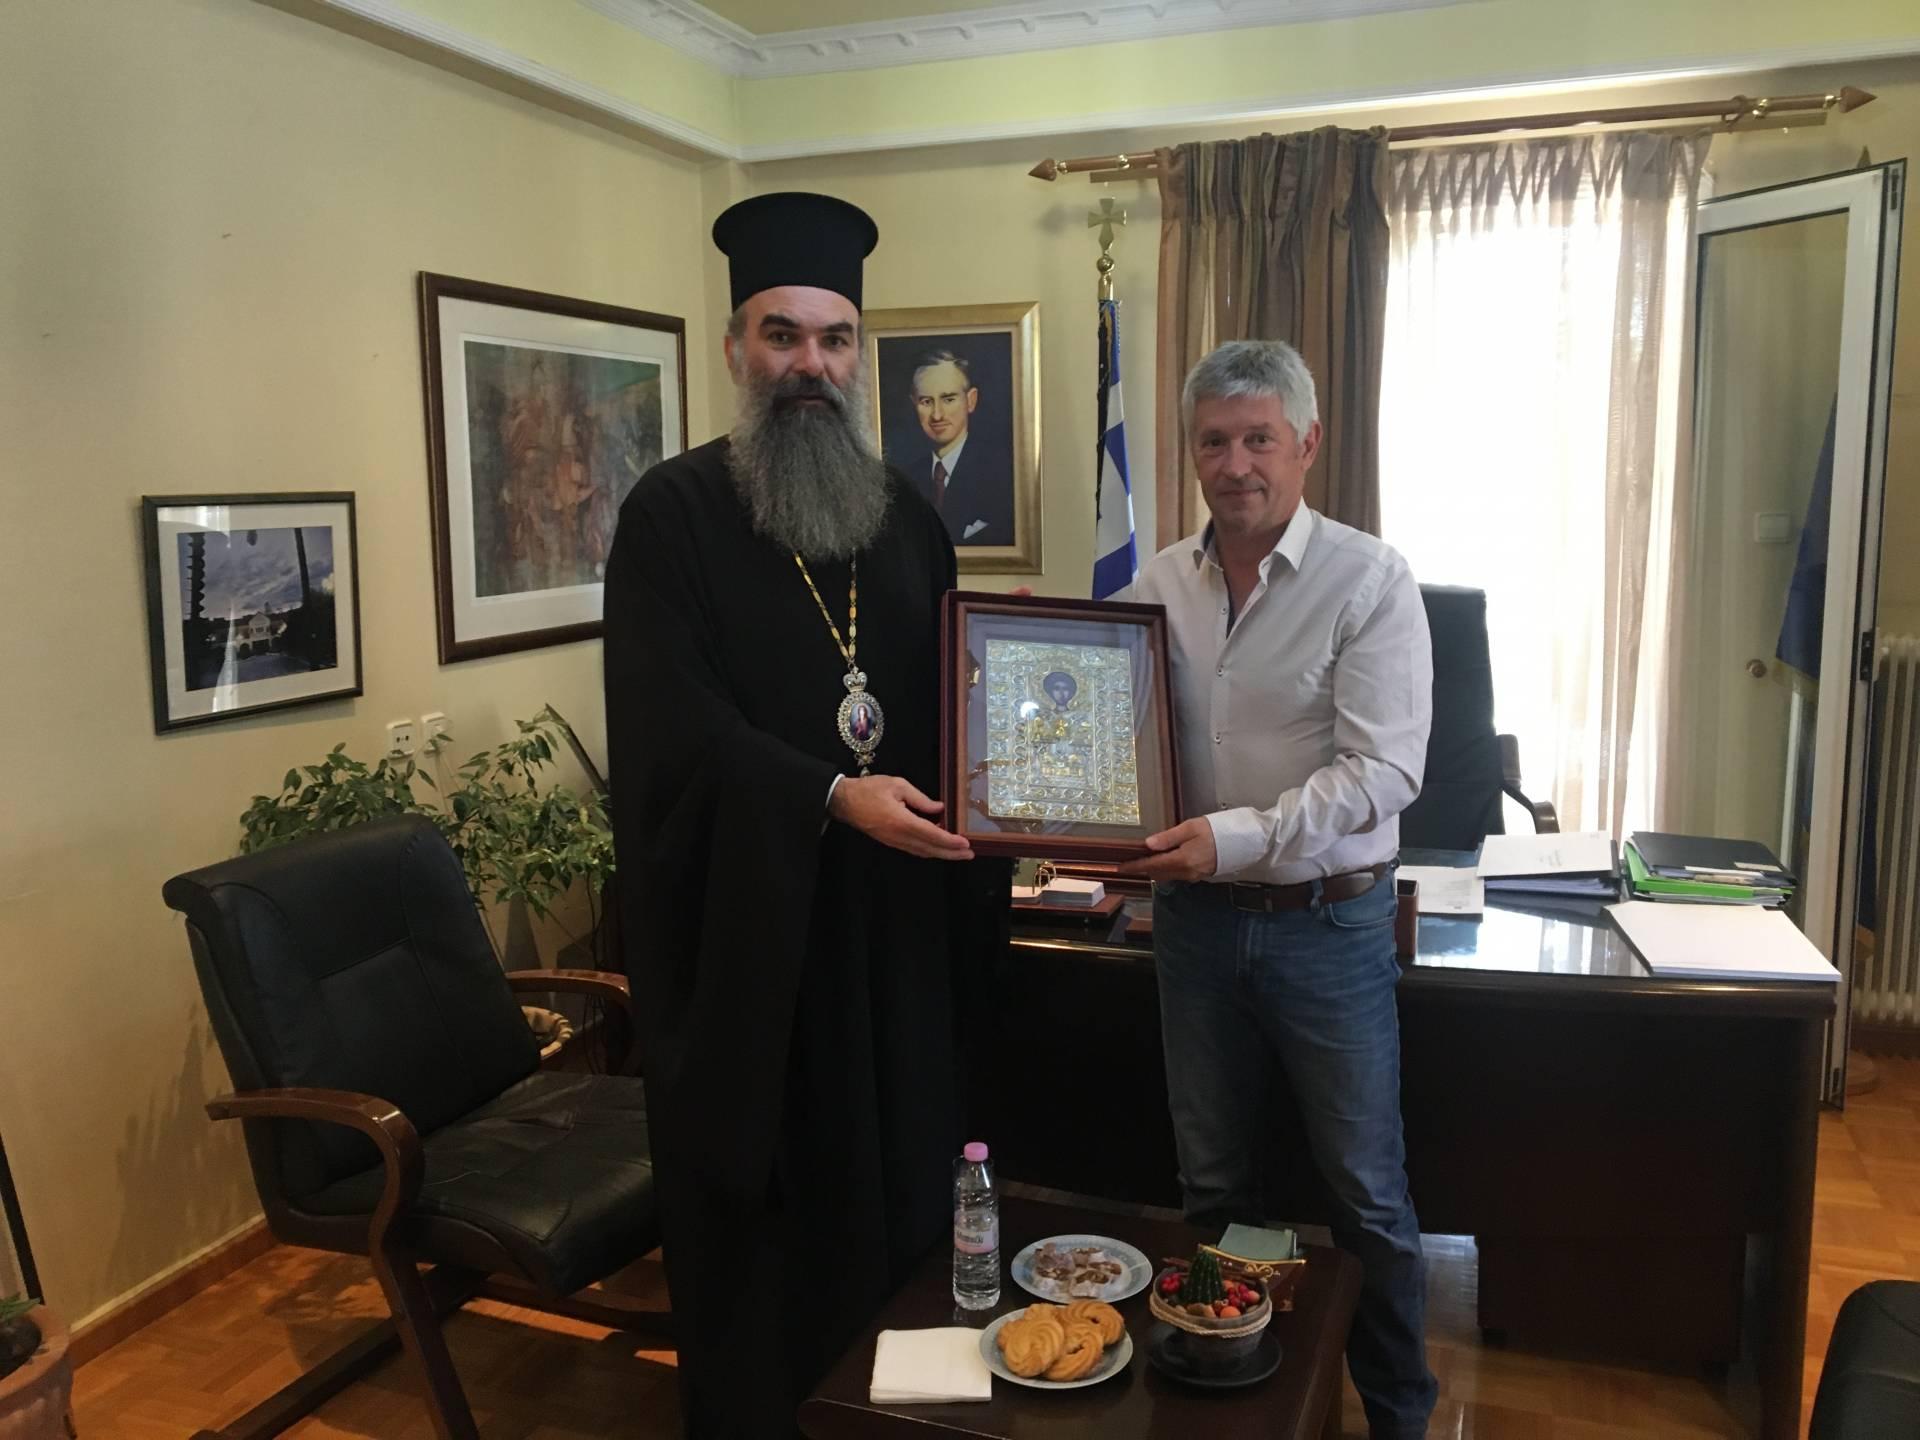 Συνάντηση του Δημάρχου Δεσκάτης κ.Κορδίλα Δημήτρη με το Σεβασμιότατο Μητροπολίτη Ελασσόνας κ.Χαρίτωνα